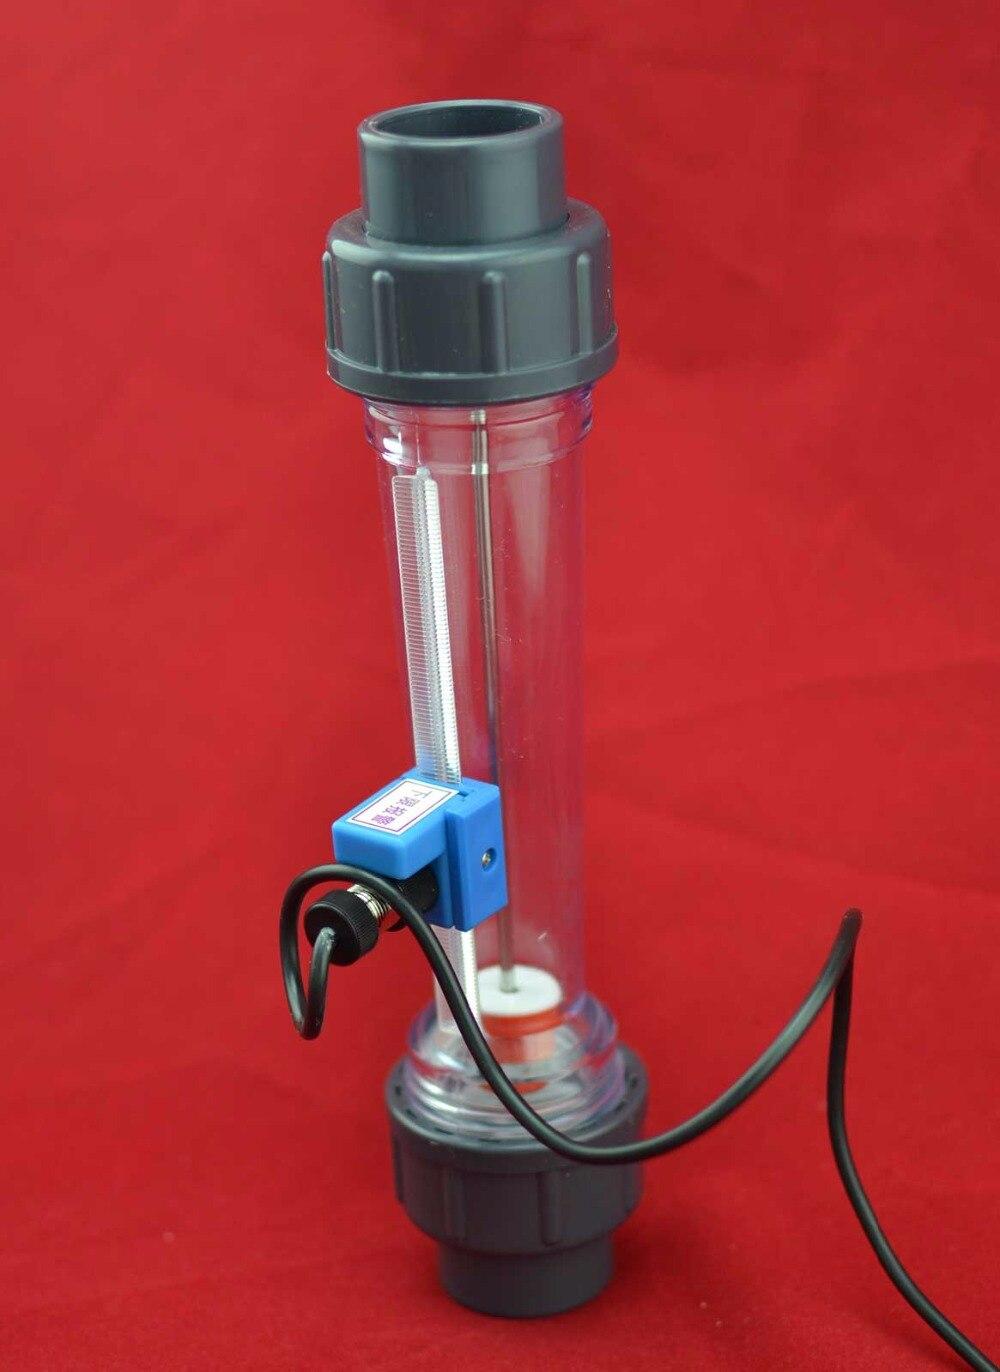 LZS-15A 10 à 100L/H ~ 1000L/H Pipeline tube en plastique rotamètre d'eau avec alarme de débit avec limite inférieure (par défaut) ou limite supérieure